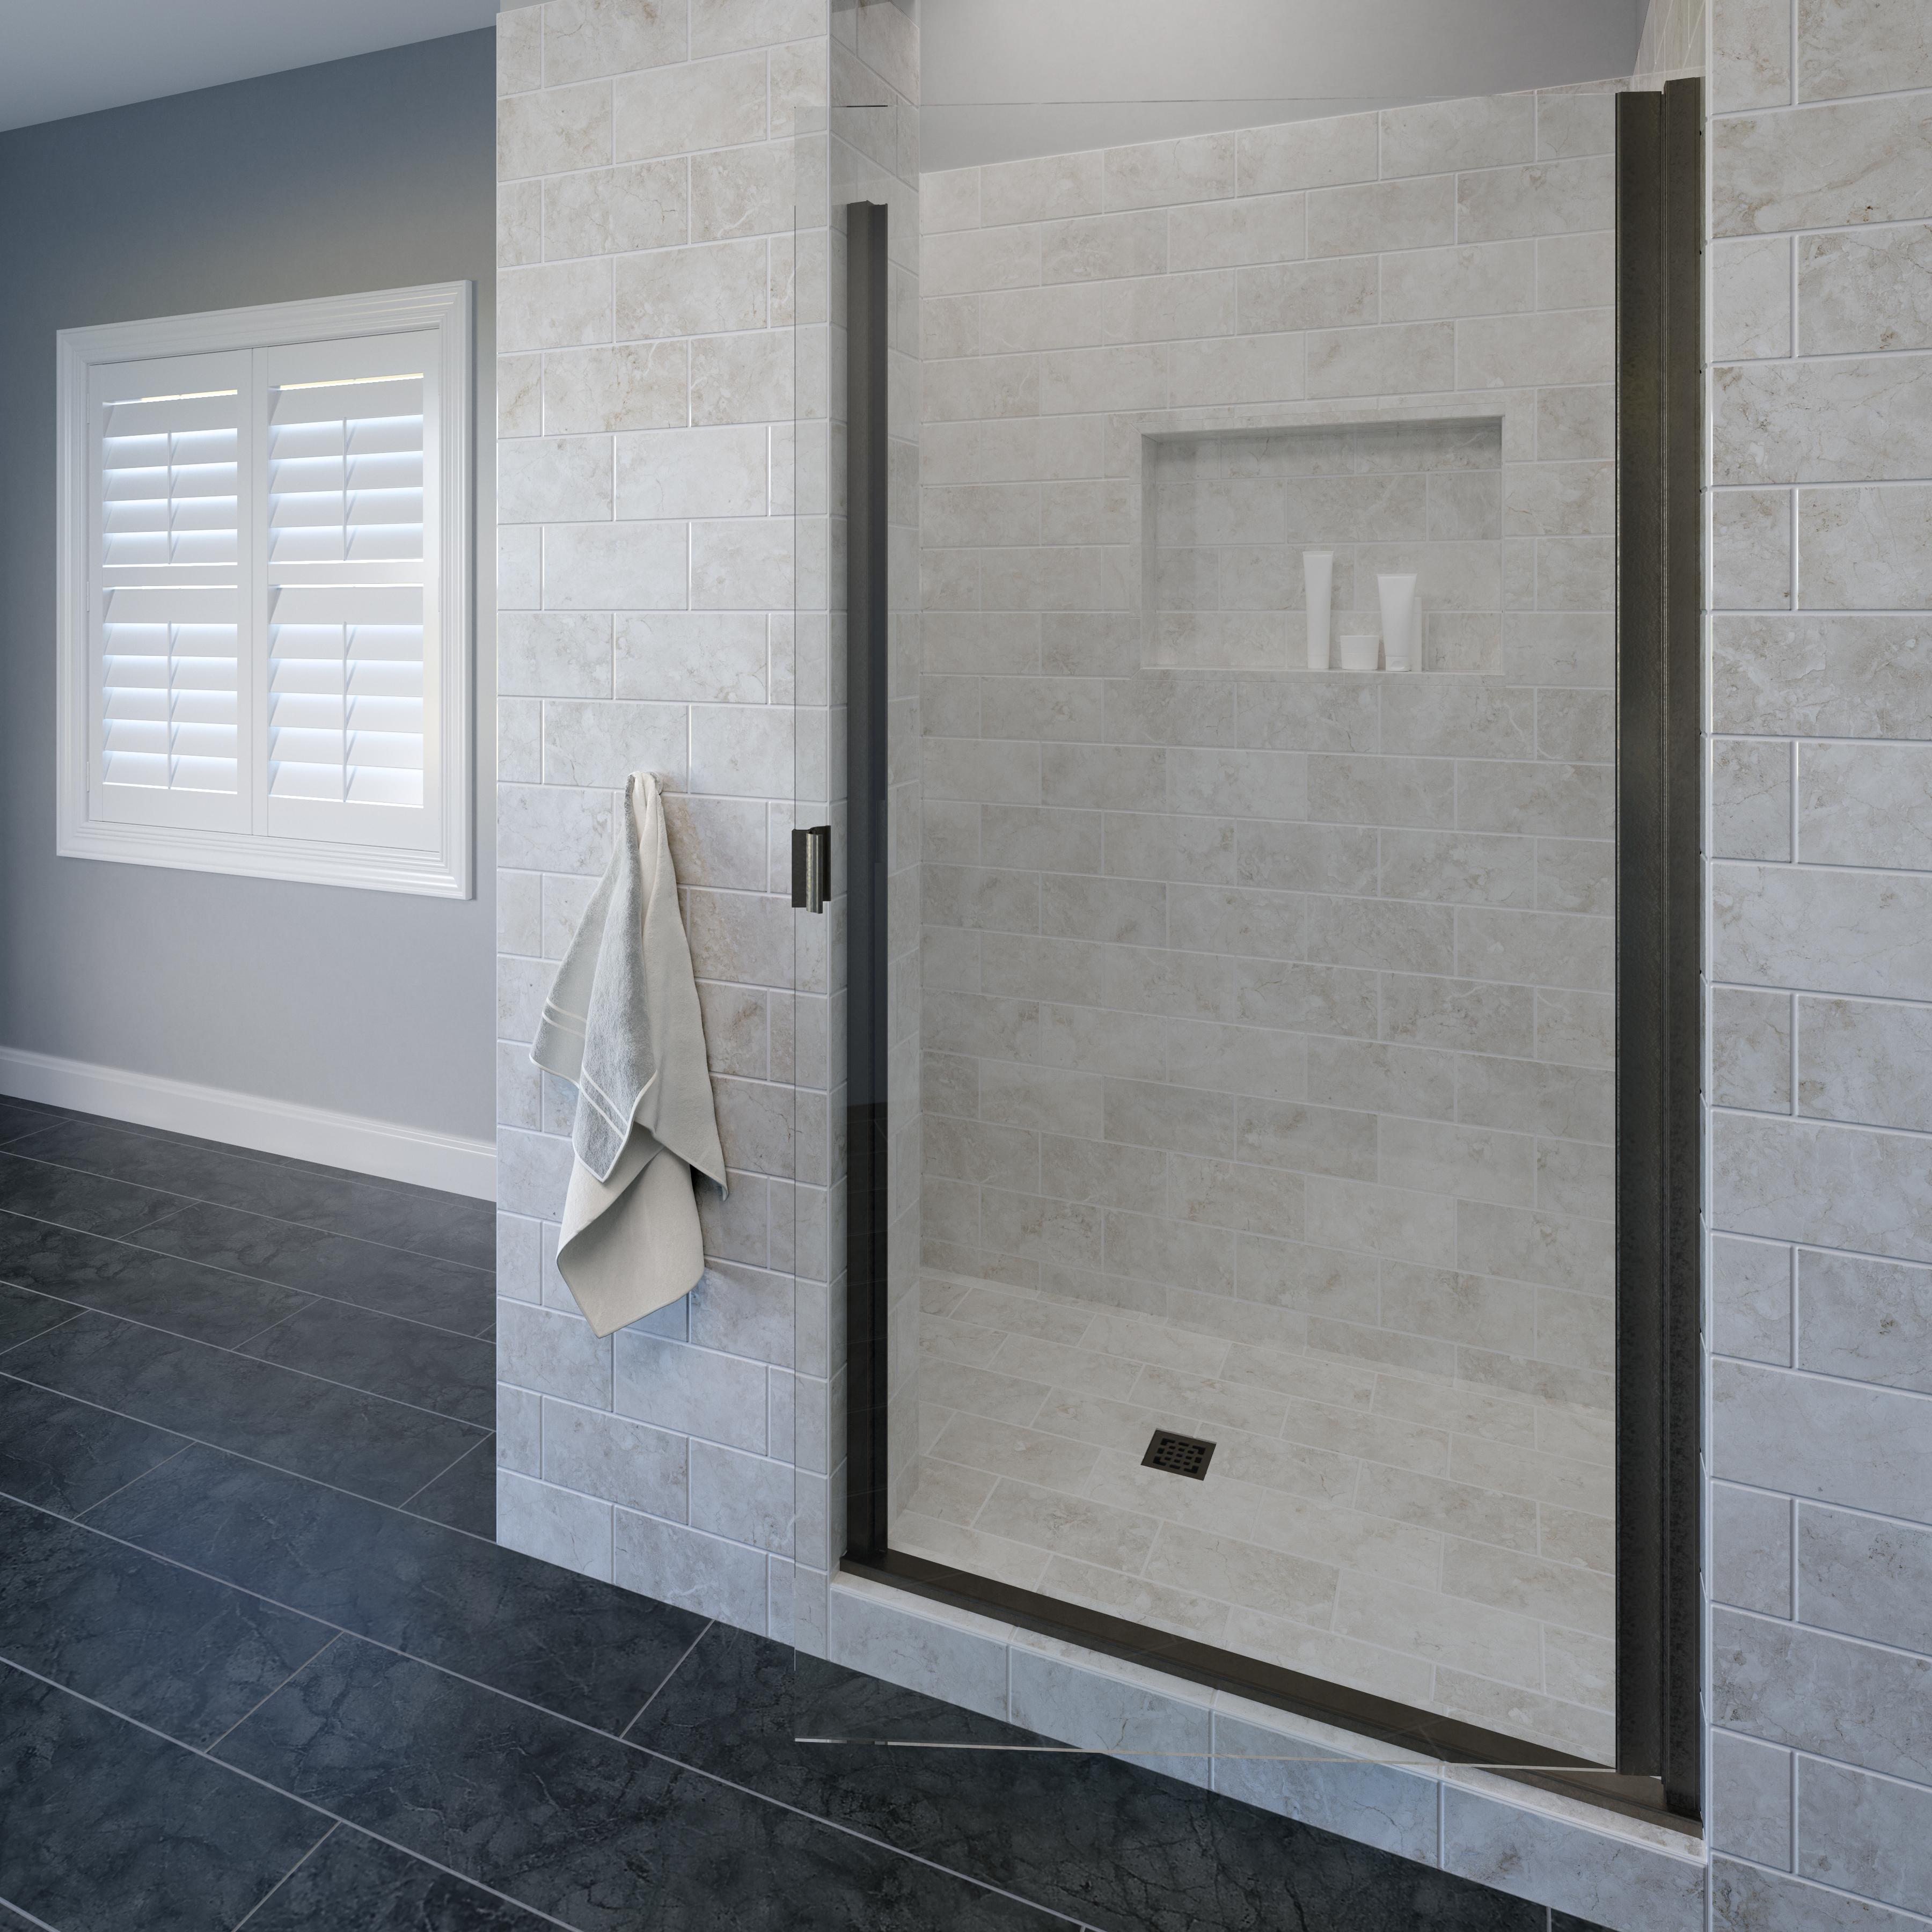 Classic Semi Frameless 316 Inch Glass Swing Basco Shower Doors